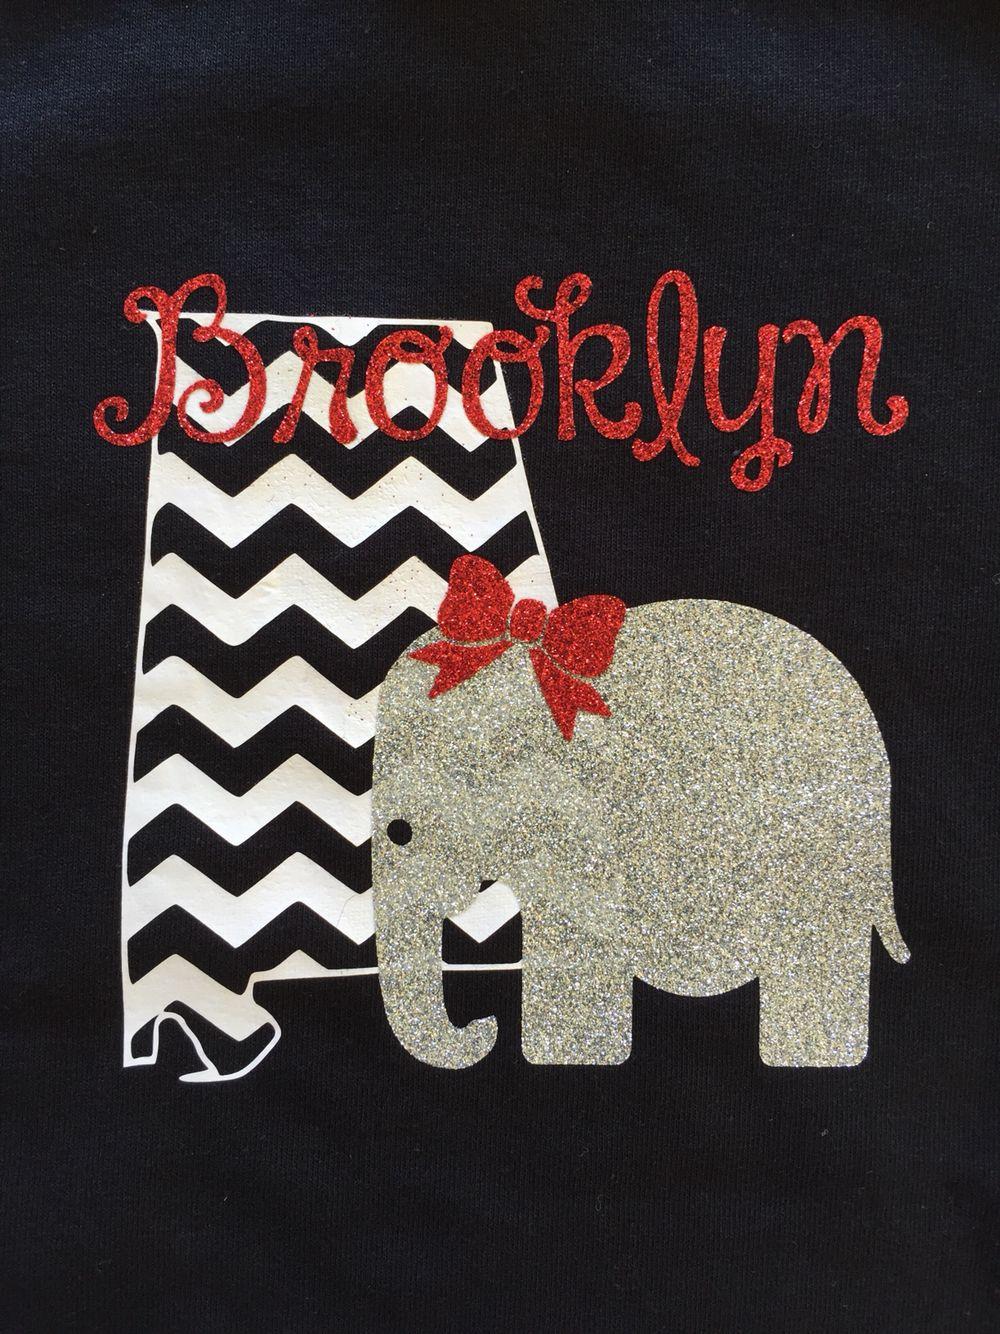 Shirt design press - Alabama Heat Press Vinyl T Shirt Design Available At Dc Flair On Facebook